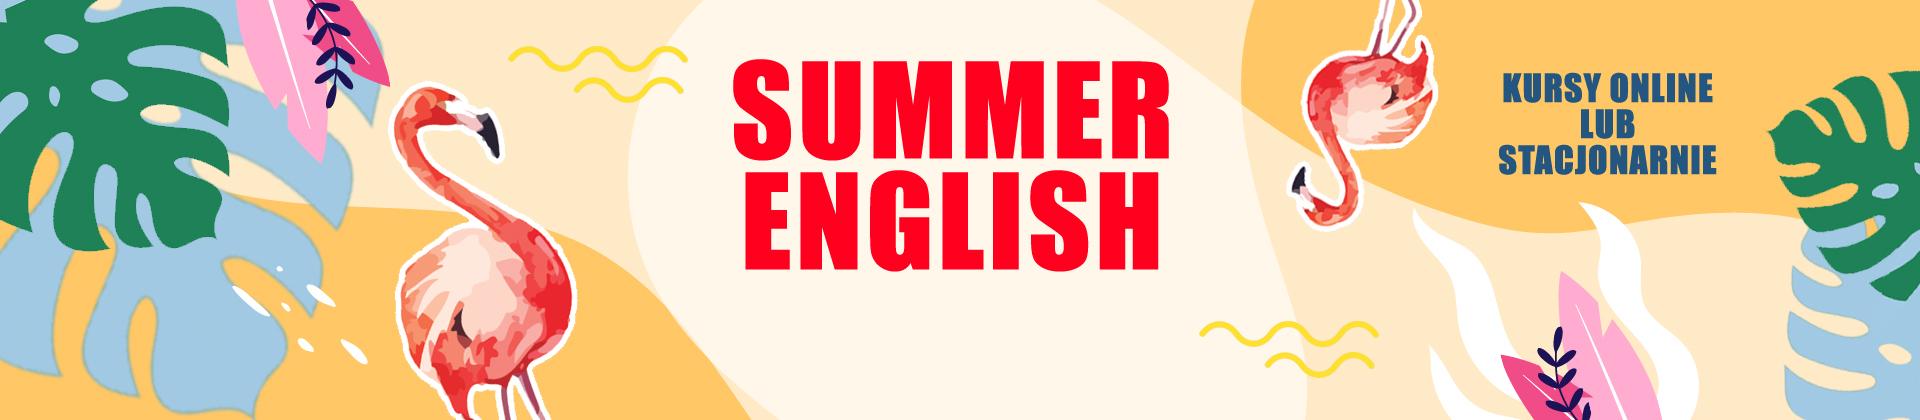 summer english banner glowna